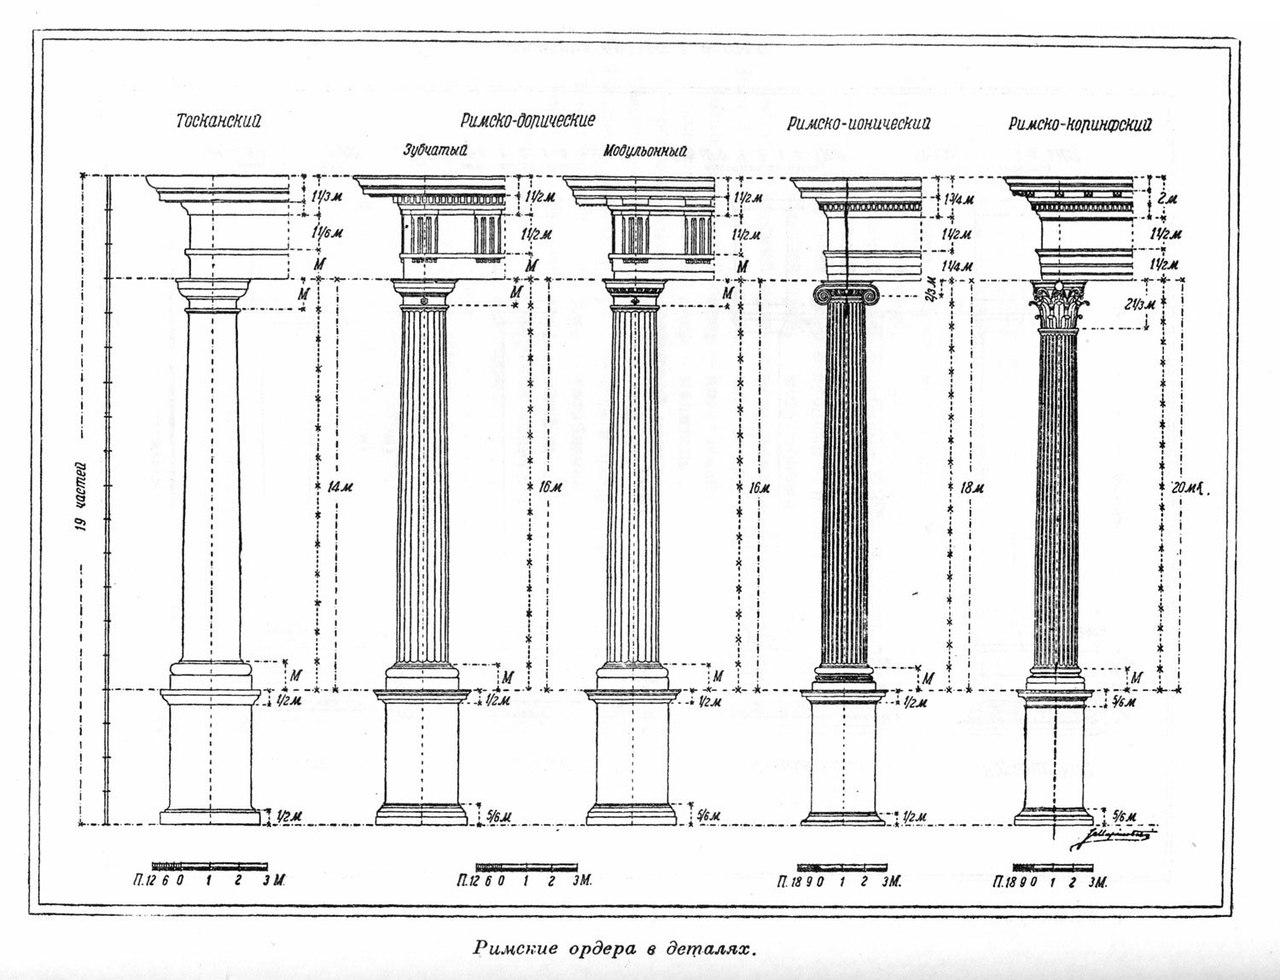 Архитектурные ордера в массах